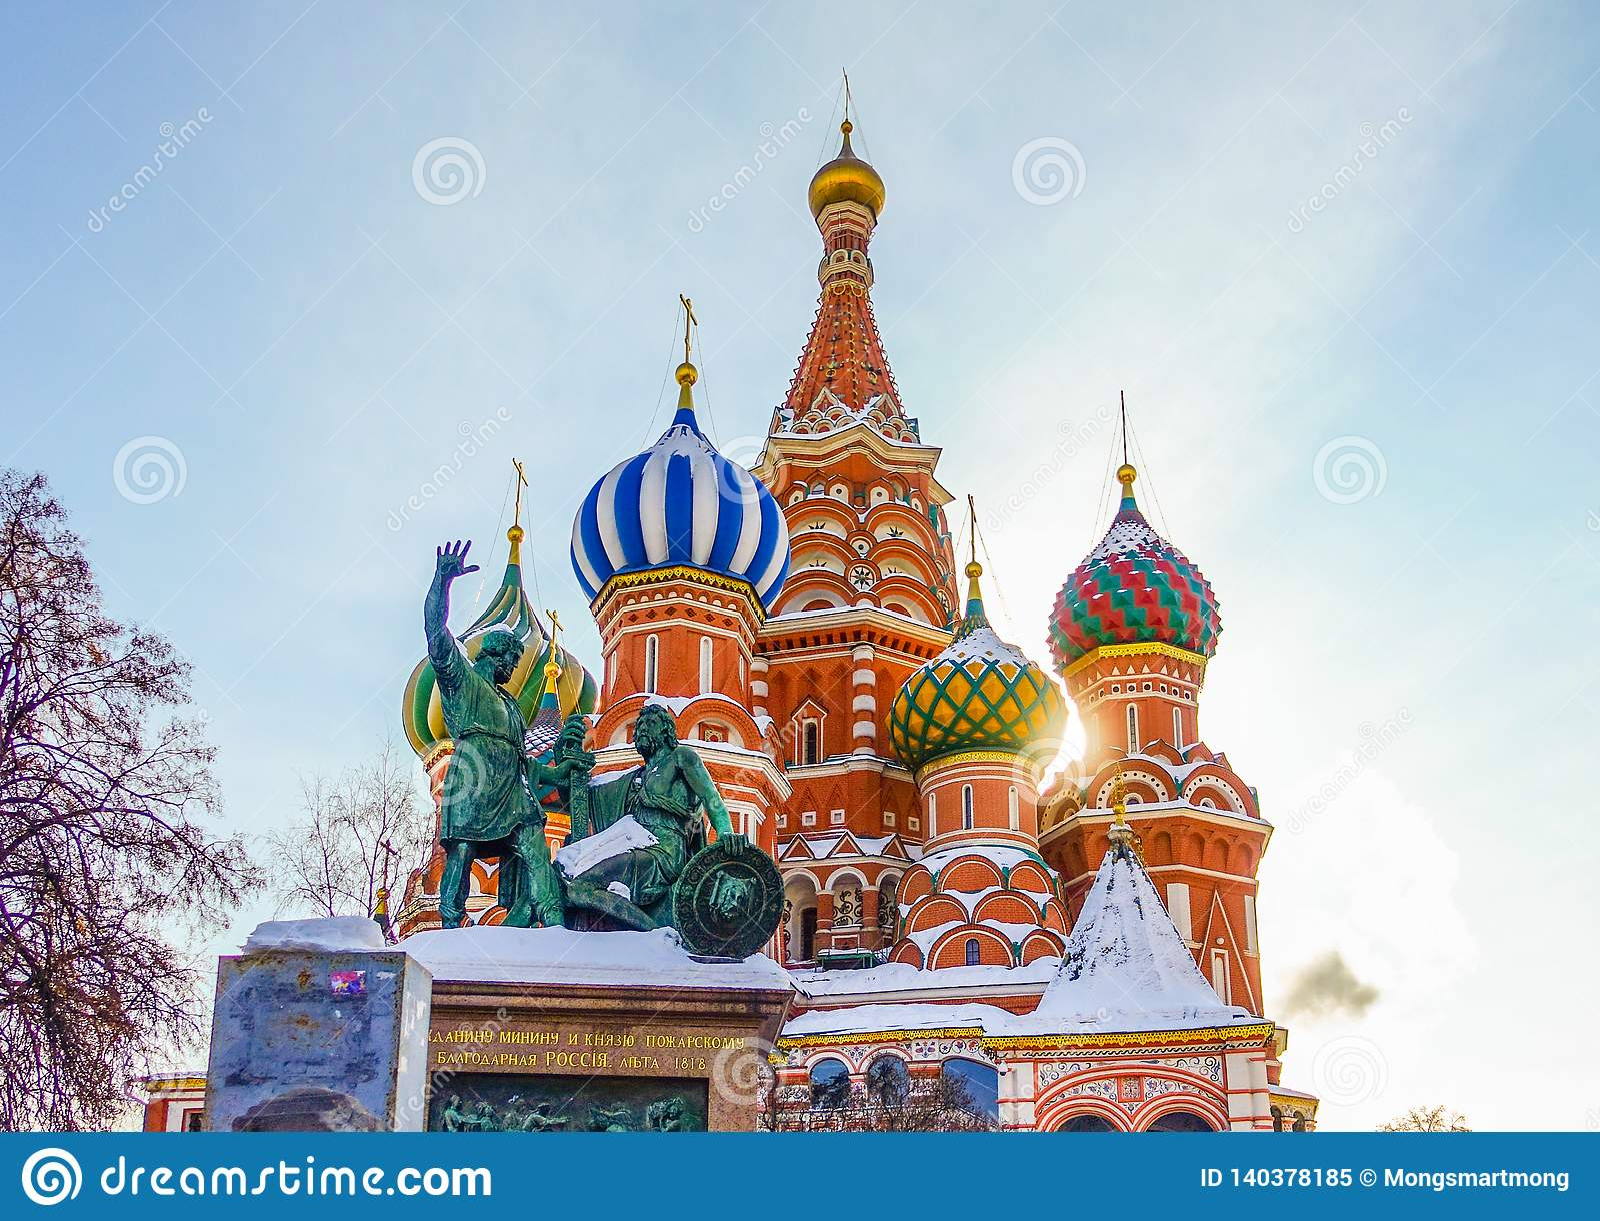 001 - Kathedralen-Postkartenansicht St.-Basilikums des roten Quadrats und des MOSKAUS, RUSSLAND